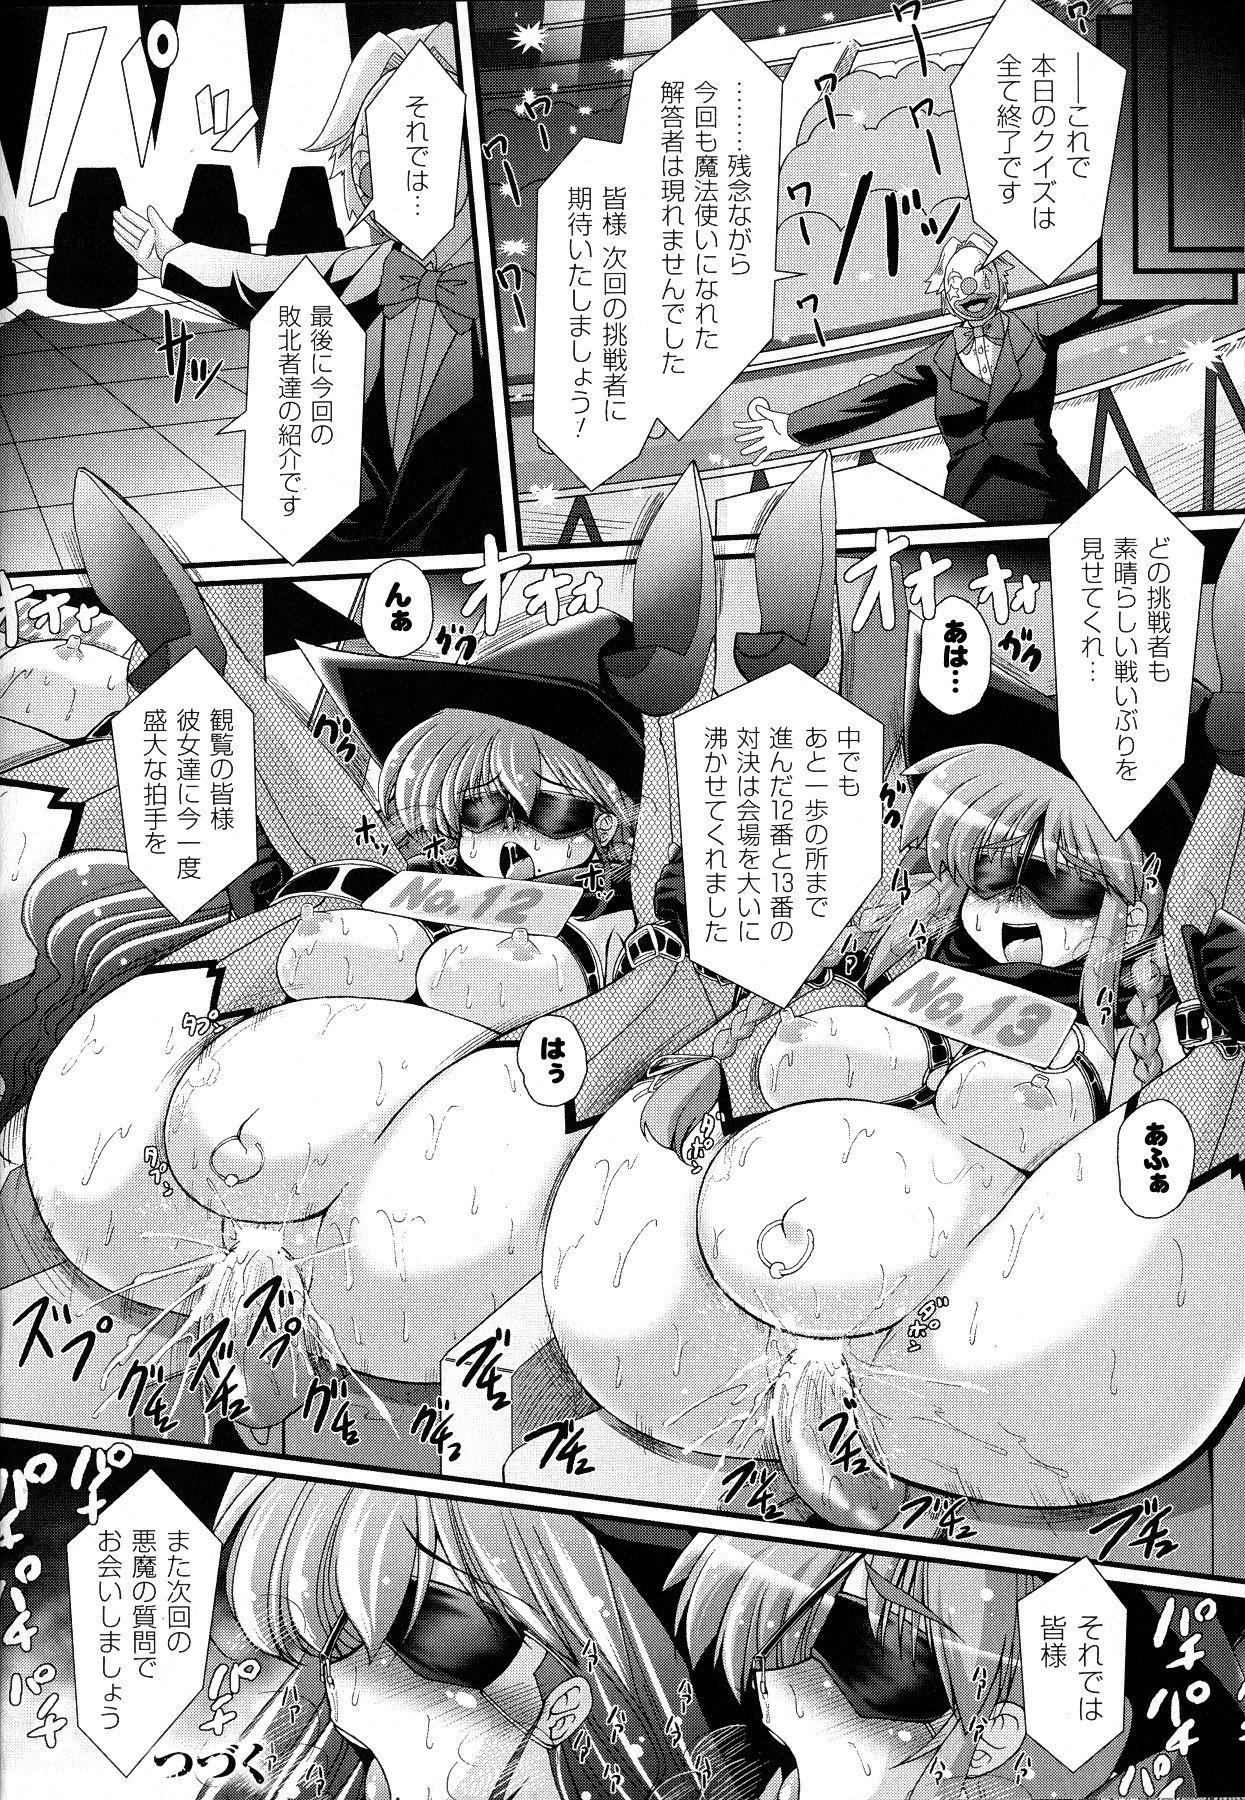 Akuma no Shitsumon 17